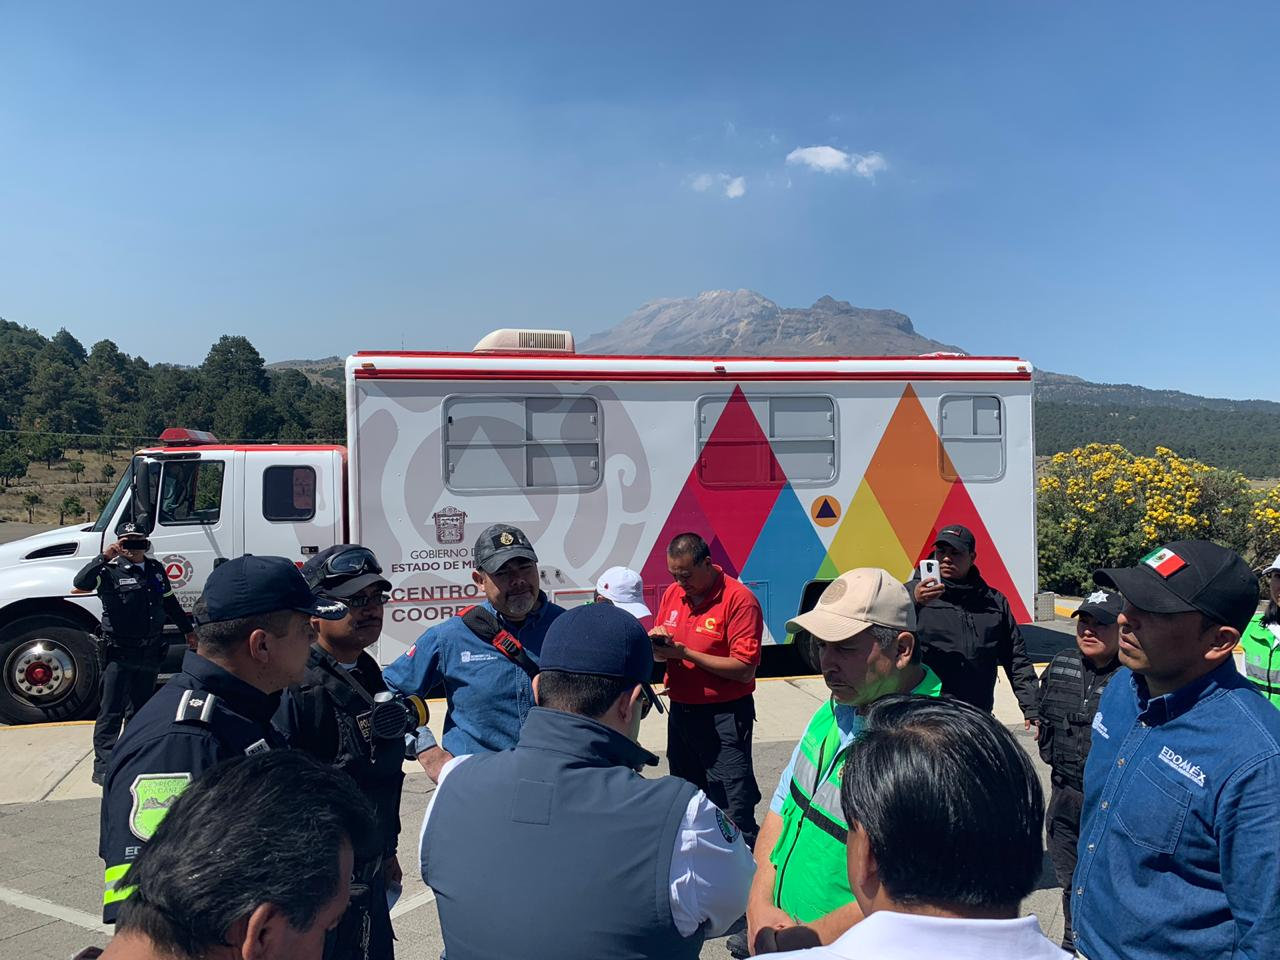 Cambia fase de semáforo de alerta del volcán Popocatépetl, de amarillo fase 3 a amarillo fase 2